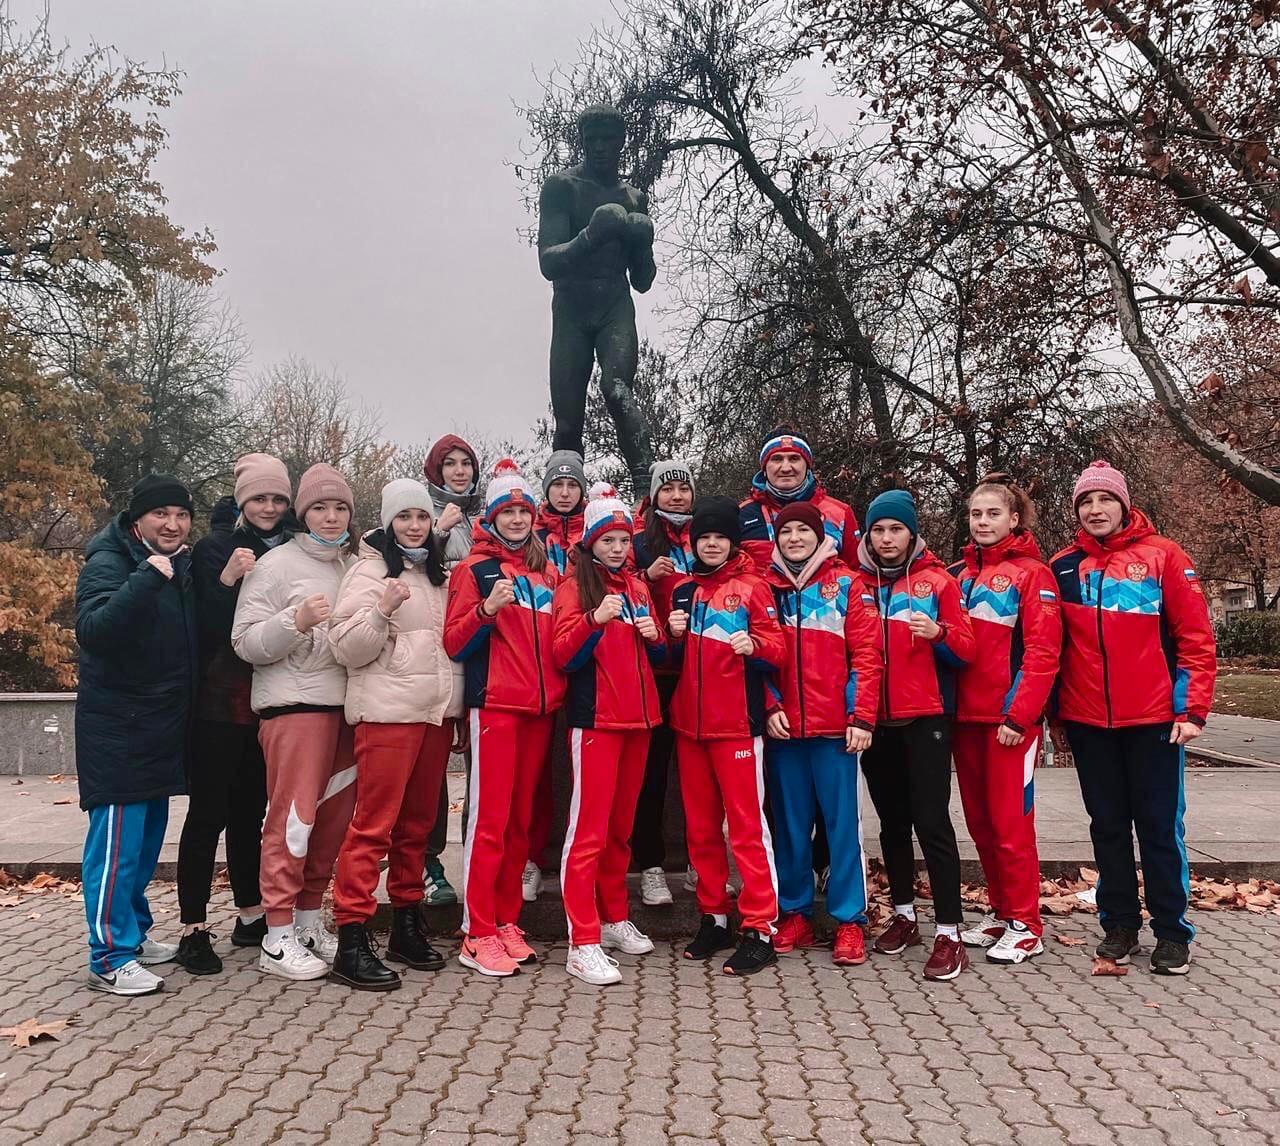 В Софии (Болгария) проходит первенство Европы среди юношей и девушек (15-16 лет)